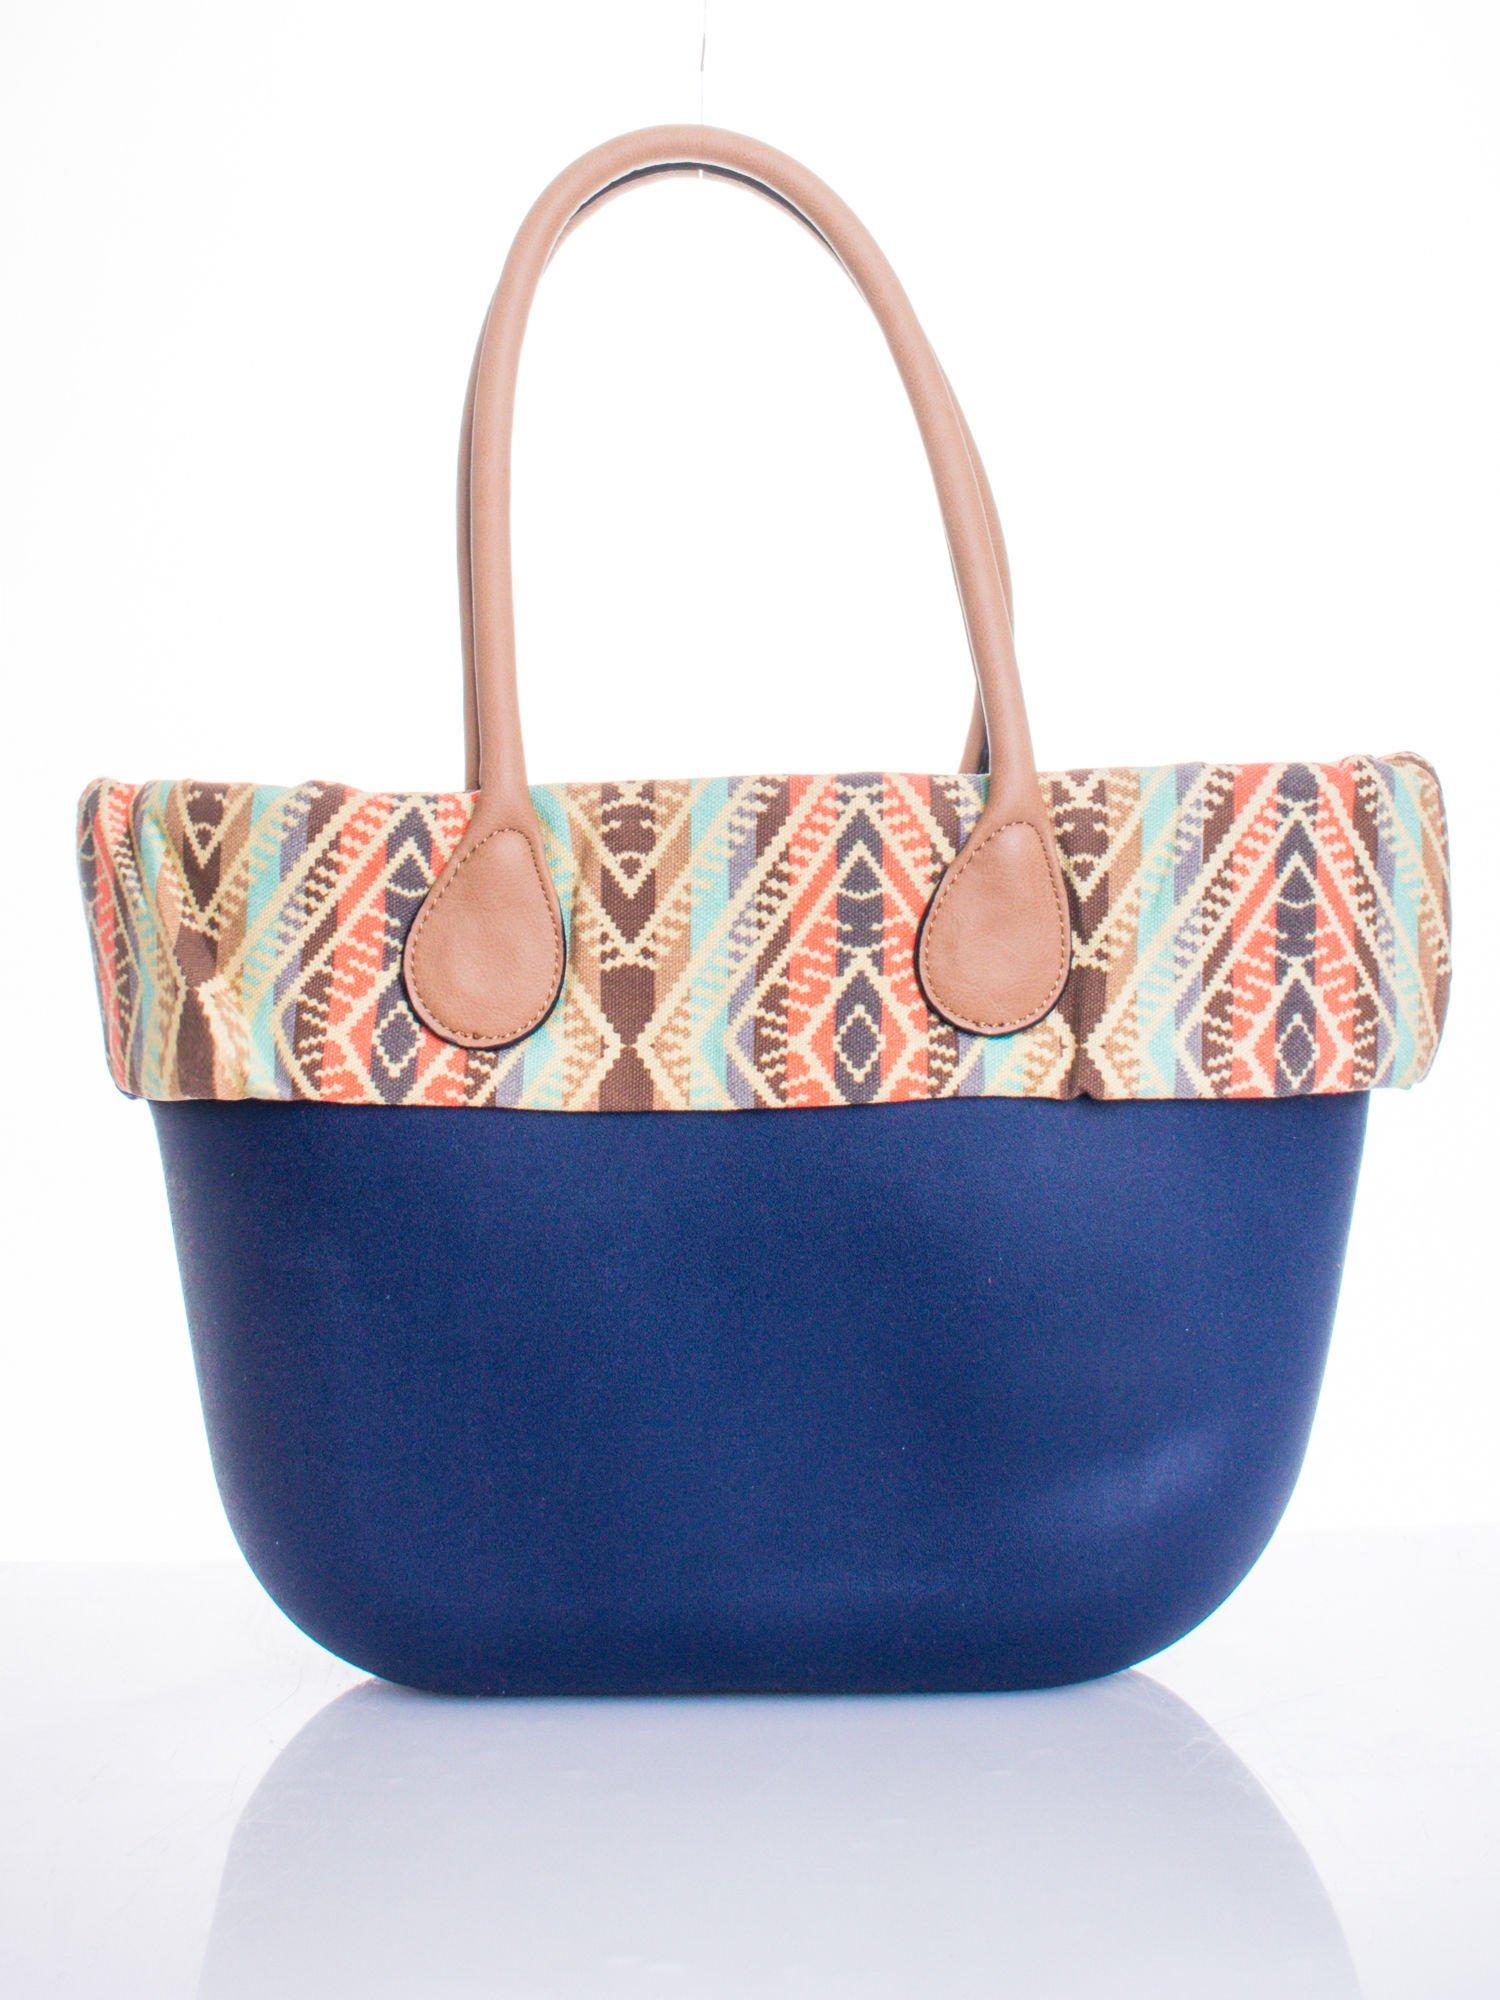 Ciemnoniebieska torba gumowa z motywem azteckim                                  zdj.                                  1